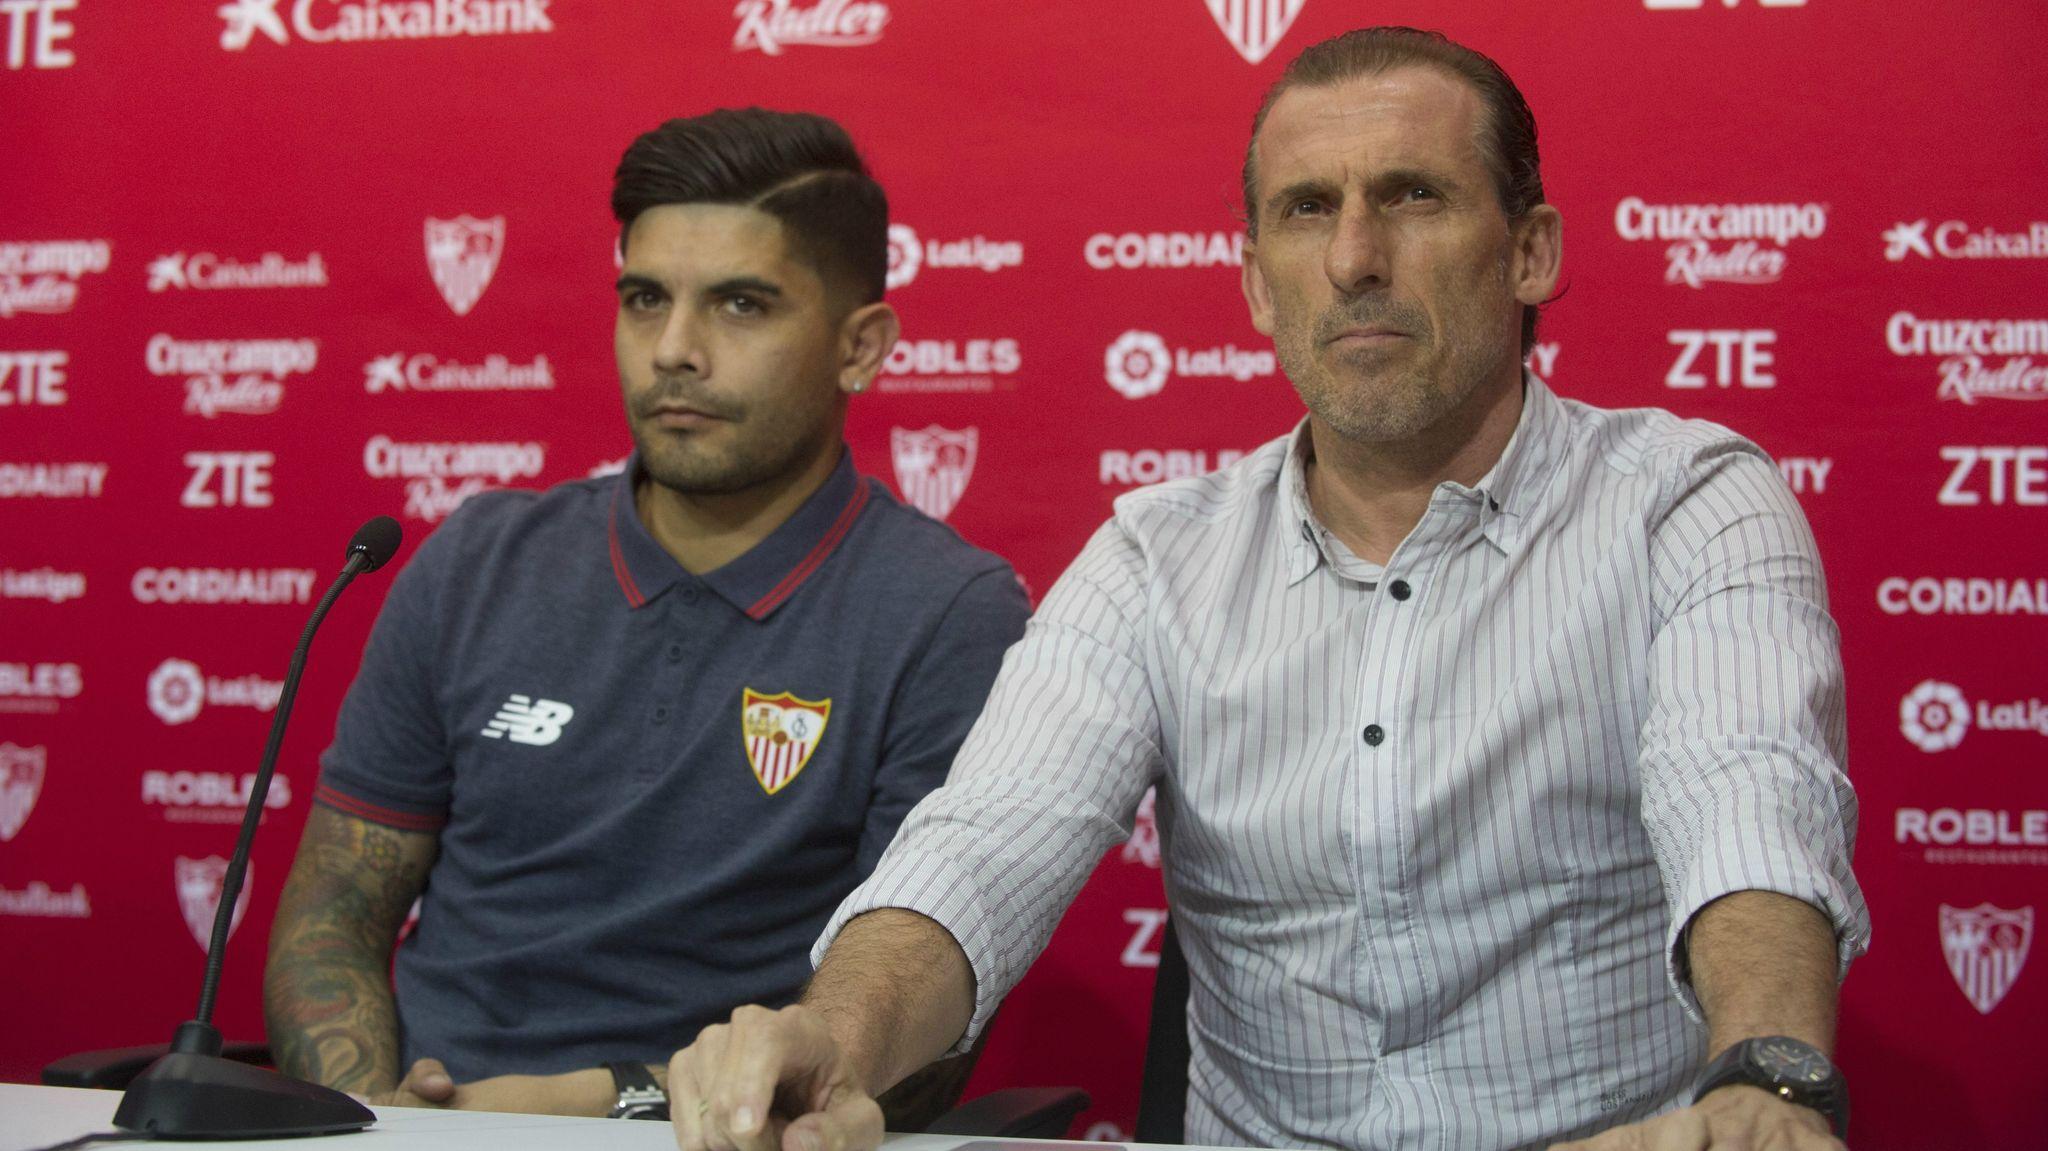 Sevilla FC: Los fichajes, una columna rota - Marca.com